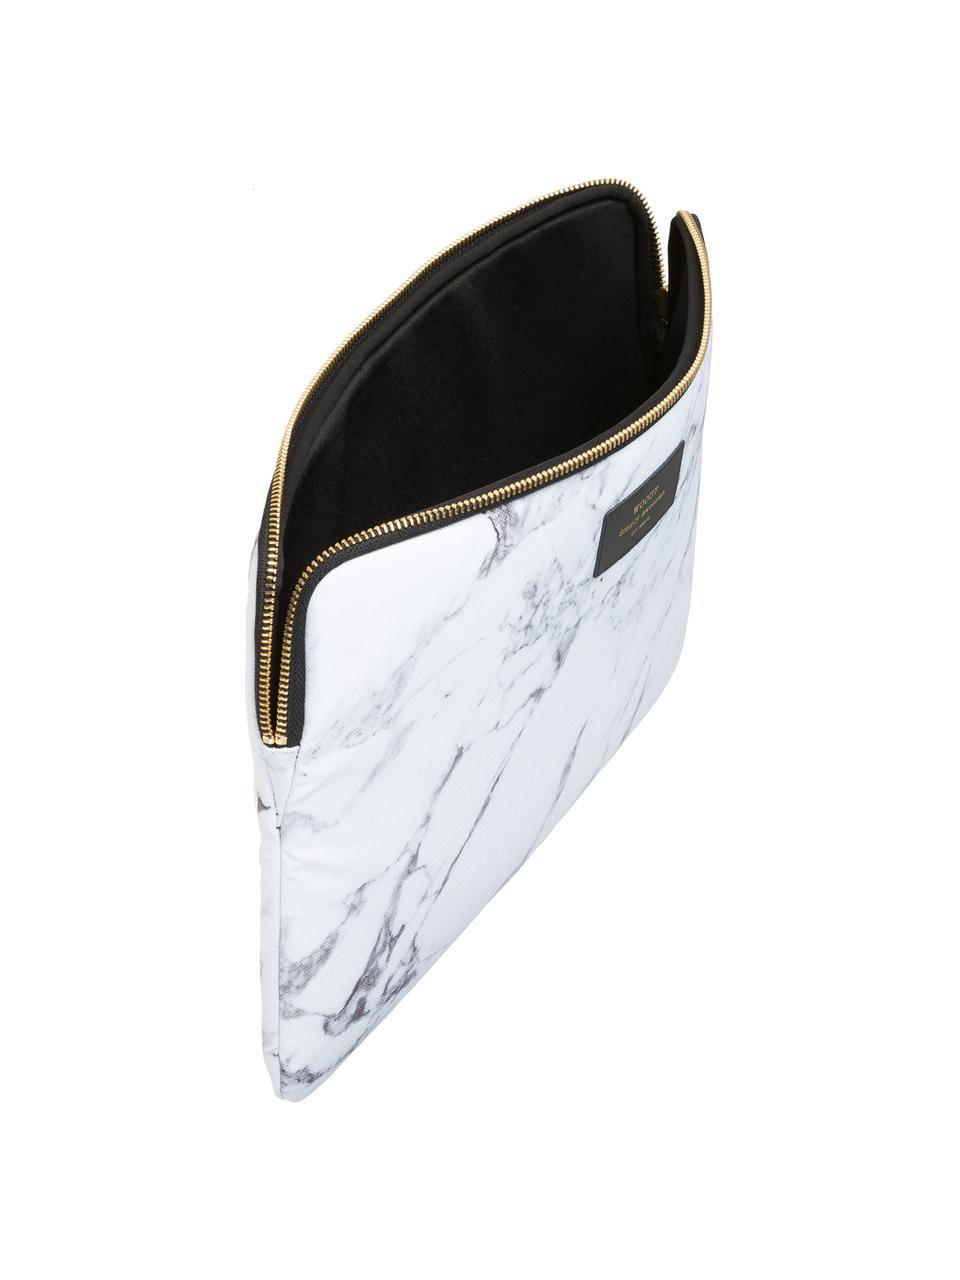 Laptophülle White Marble für MacBook Pro 13 Zoll, Laptoptasche: Weiß, marmoriert Aufdruck: Schwarz mit goldfarbener Schrift, 34 x 25 cm